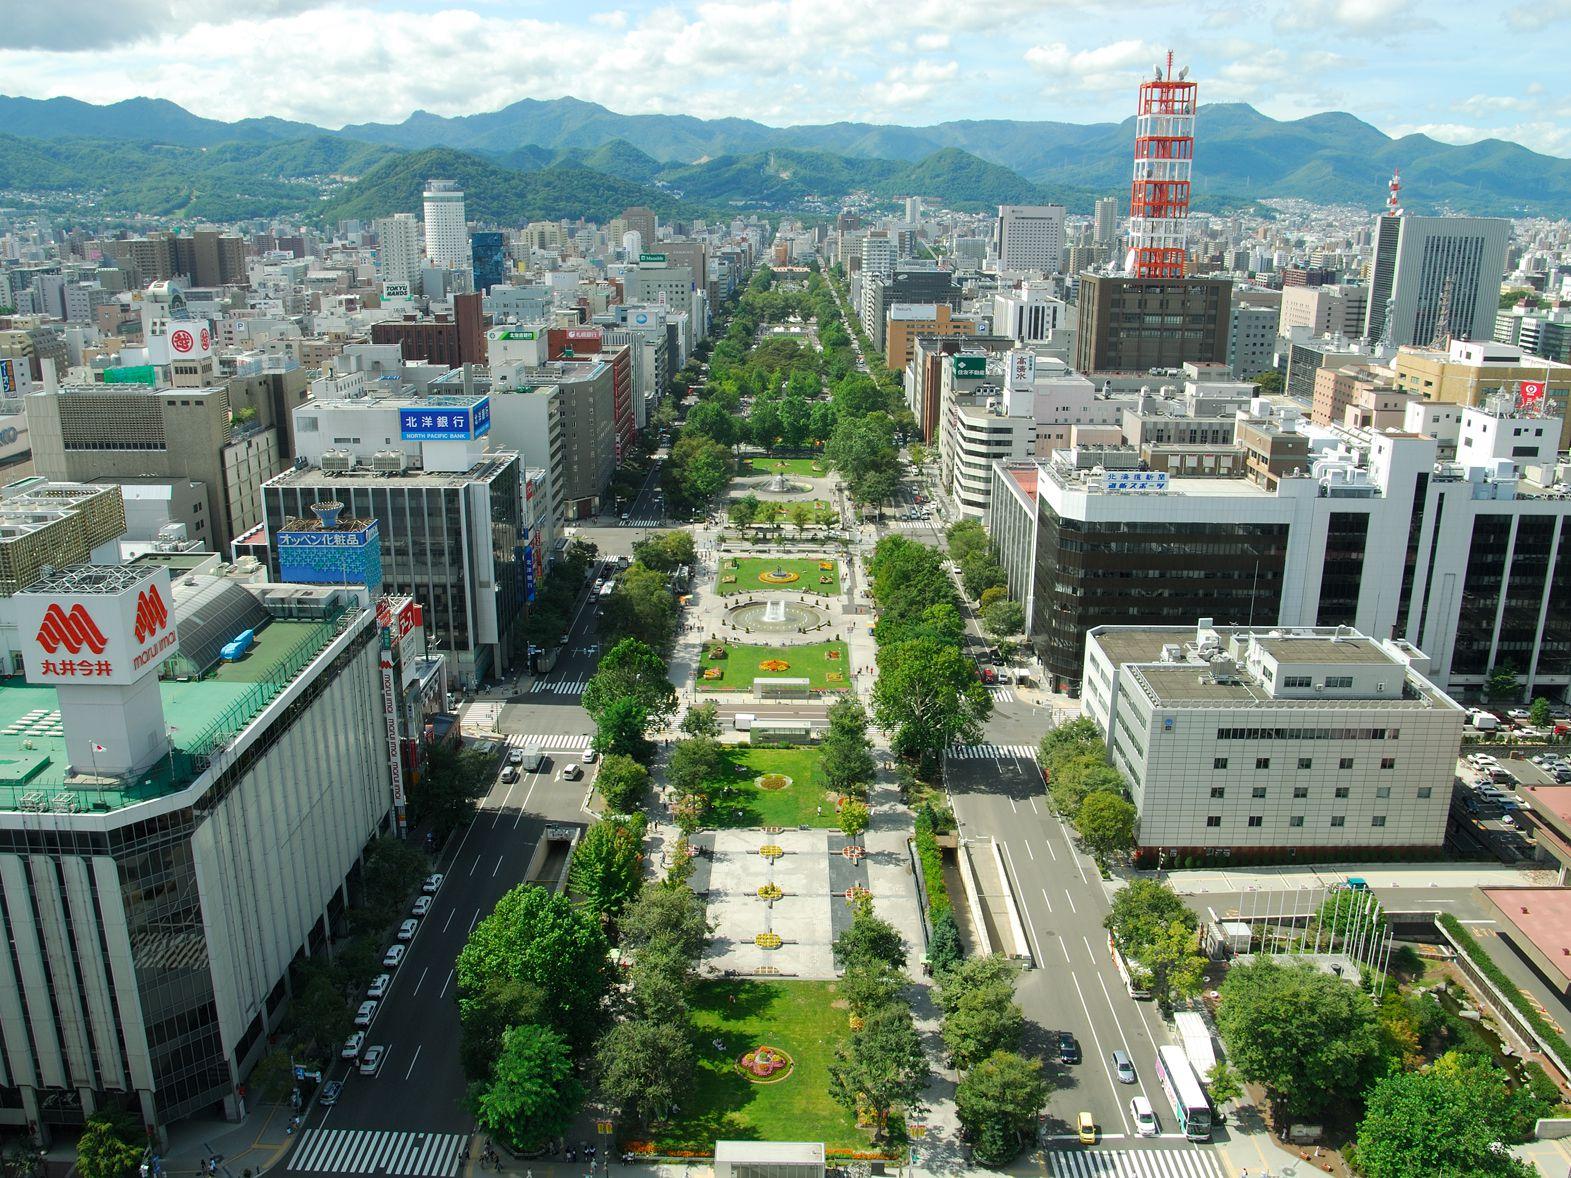 Odori Park: Get Festive in the Heart of Sapporo